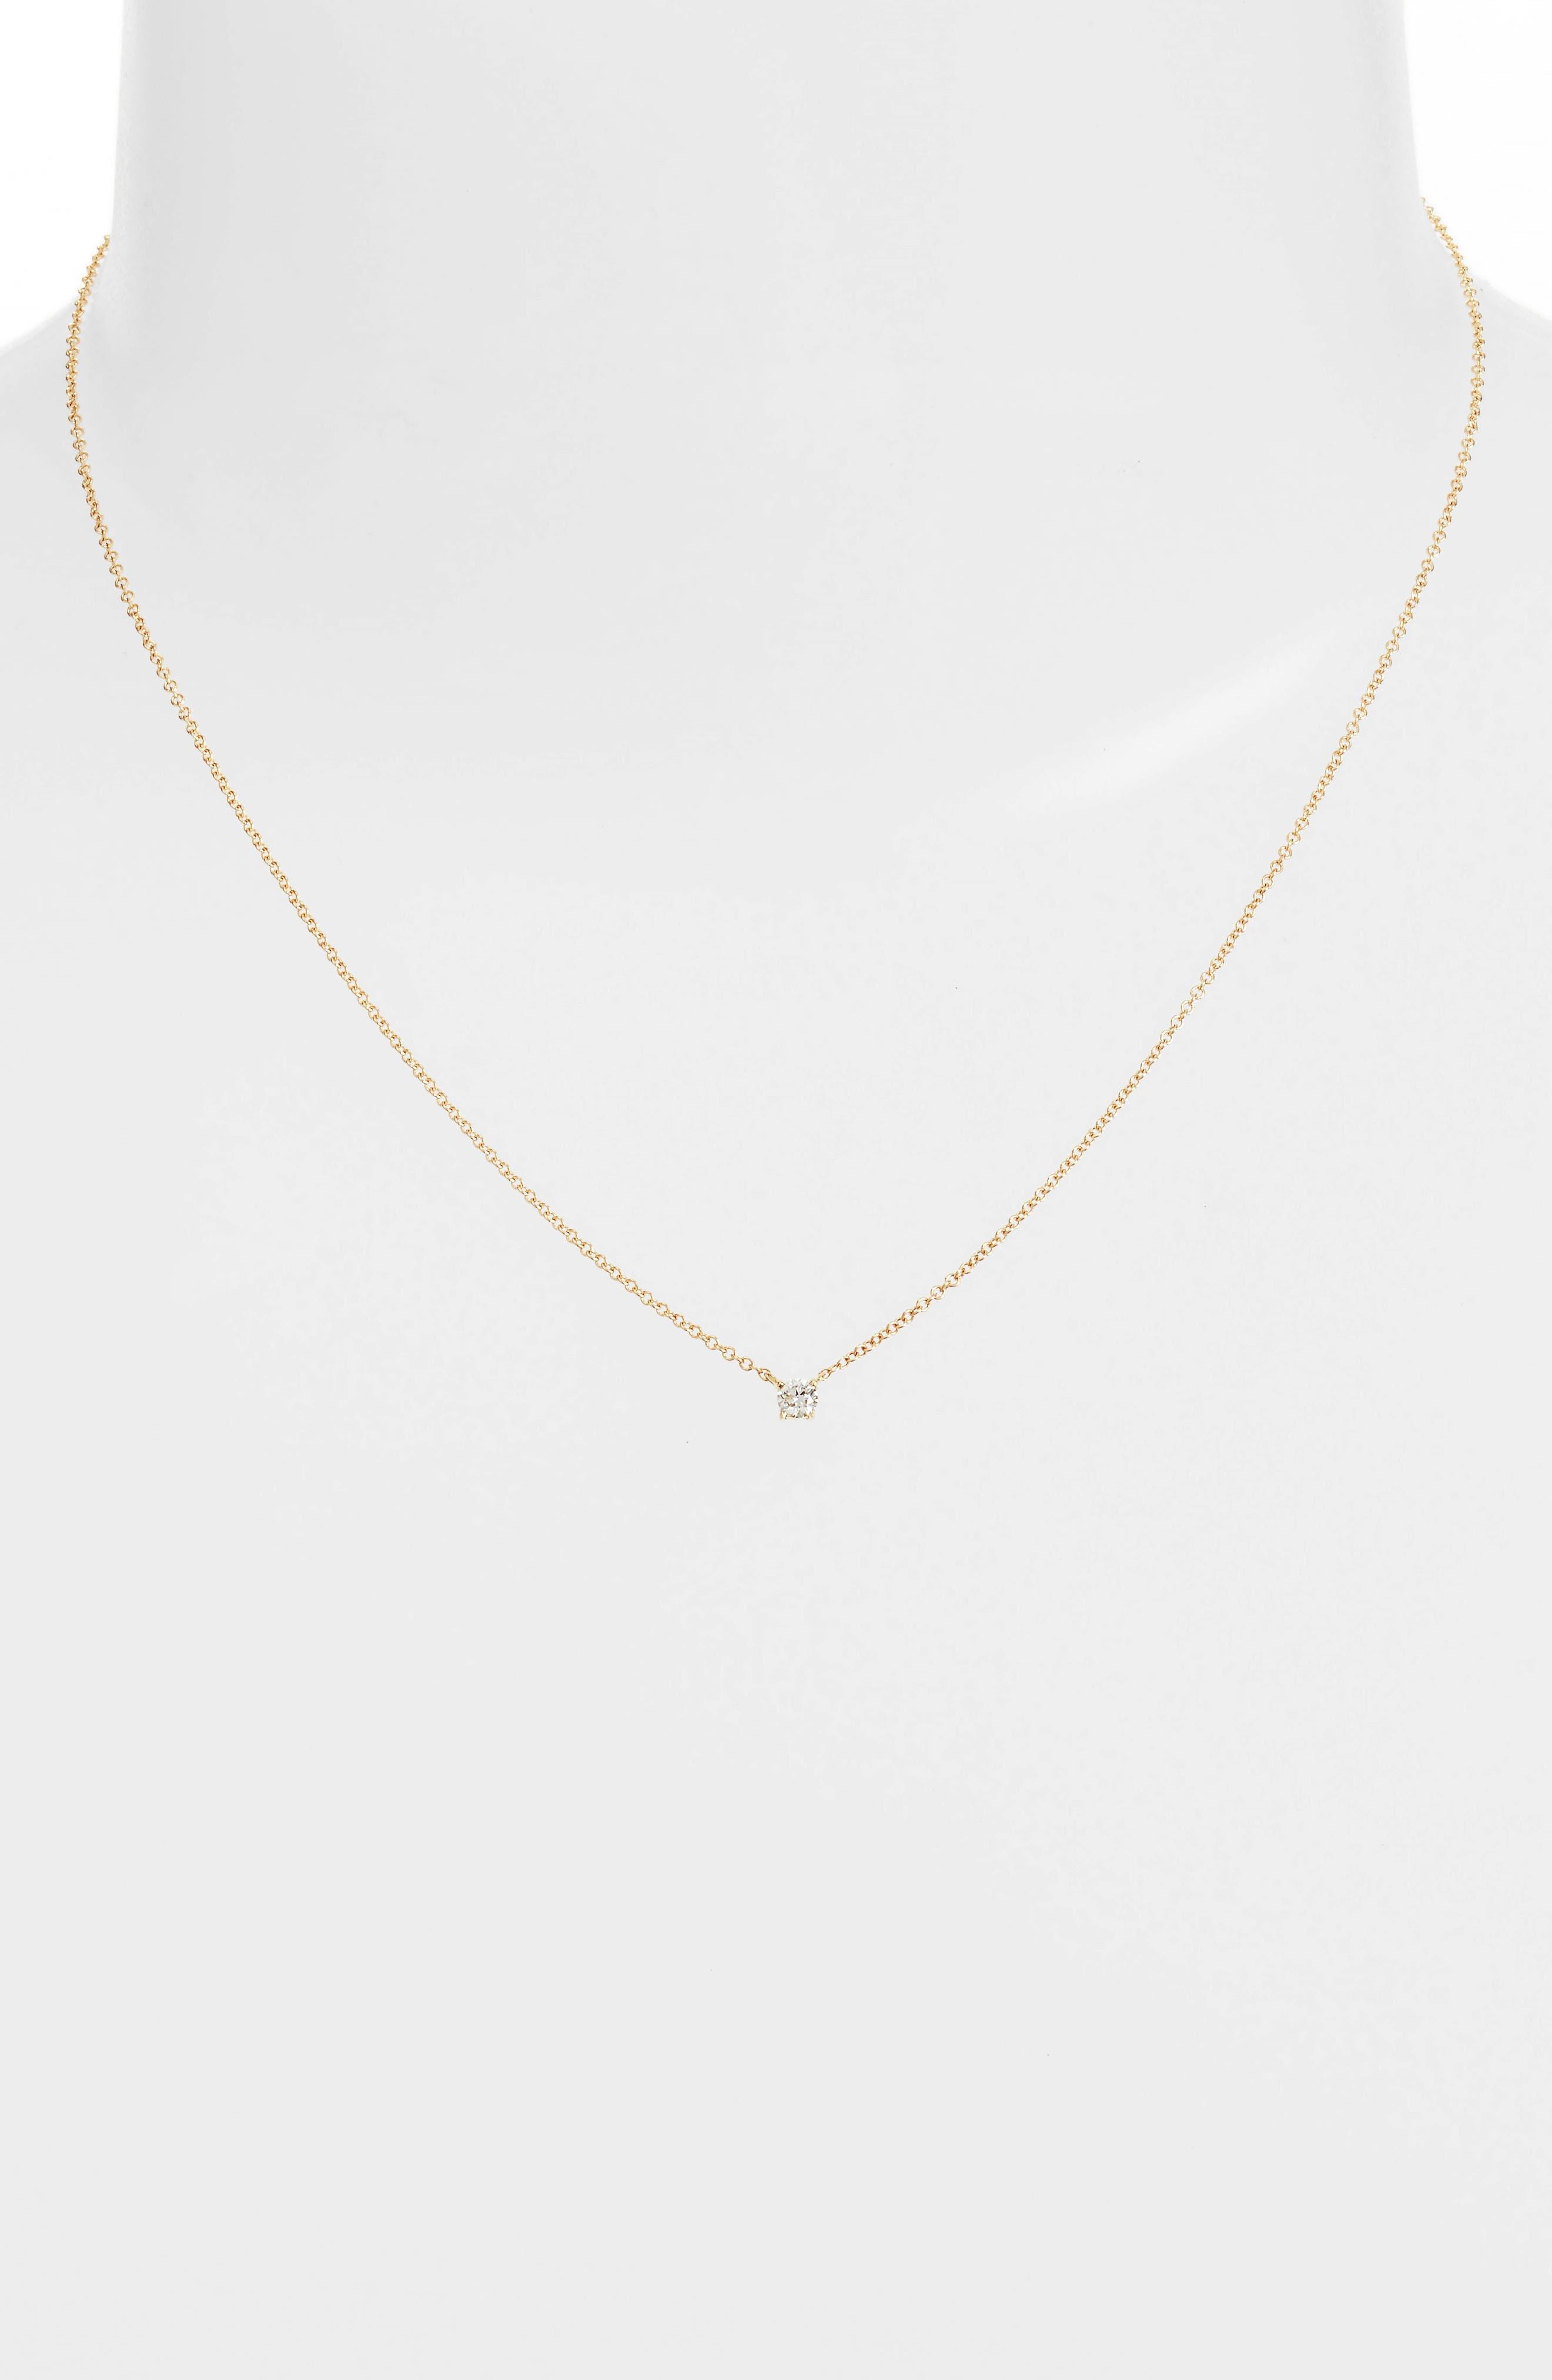 Petite Liora Diamond Solitaire Pendant Necklace,                             Alternate thumbnail 2, color,                             YELLOW GOLD